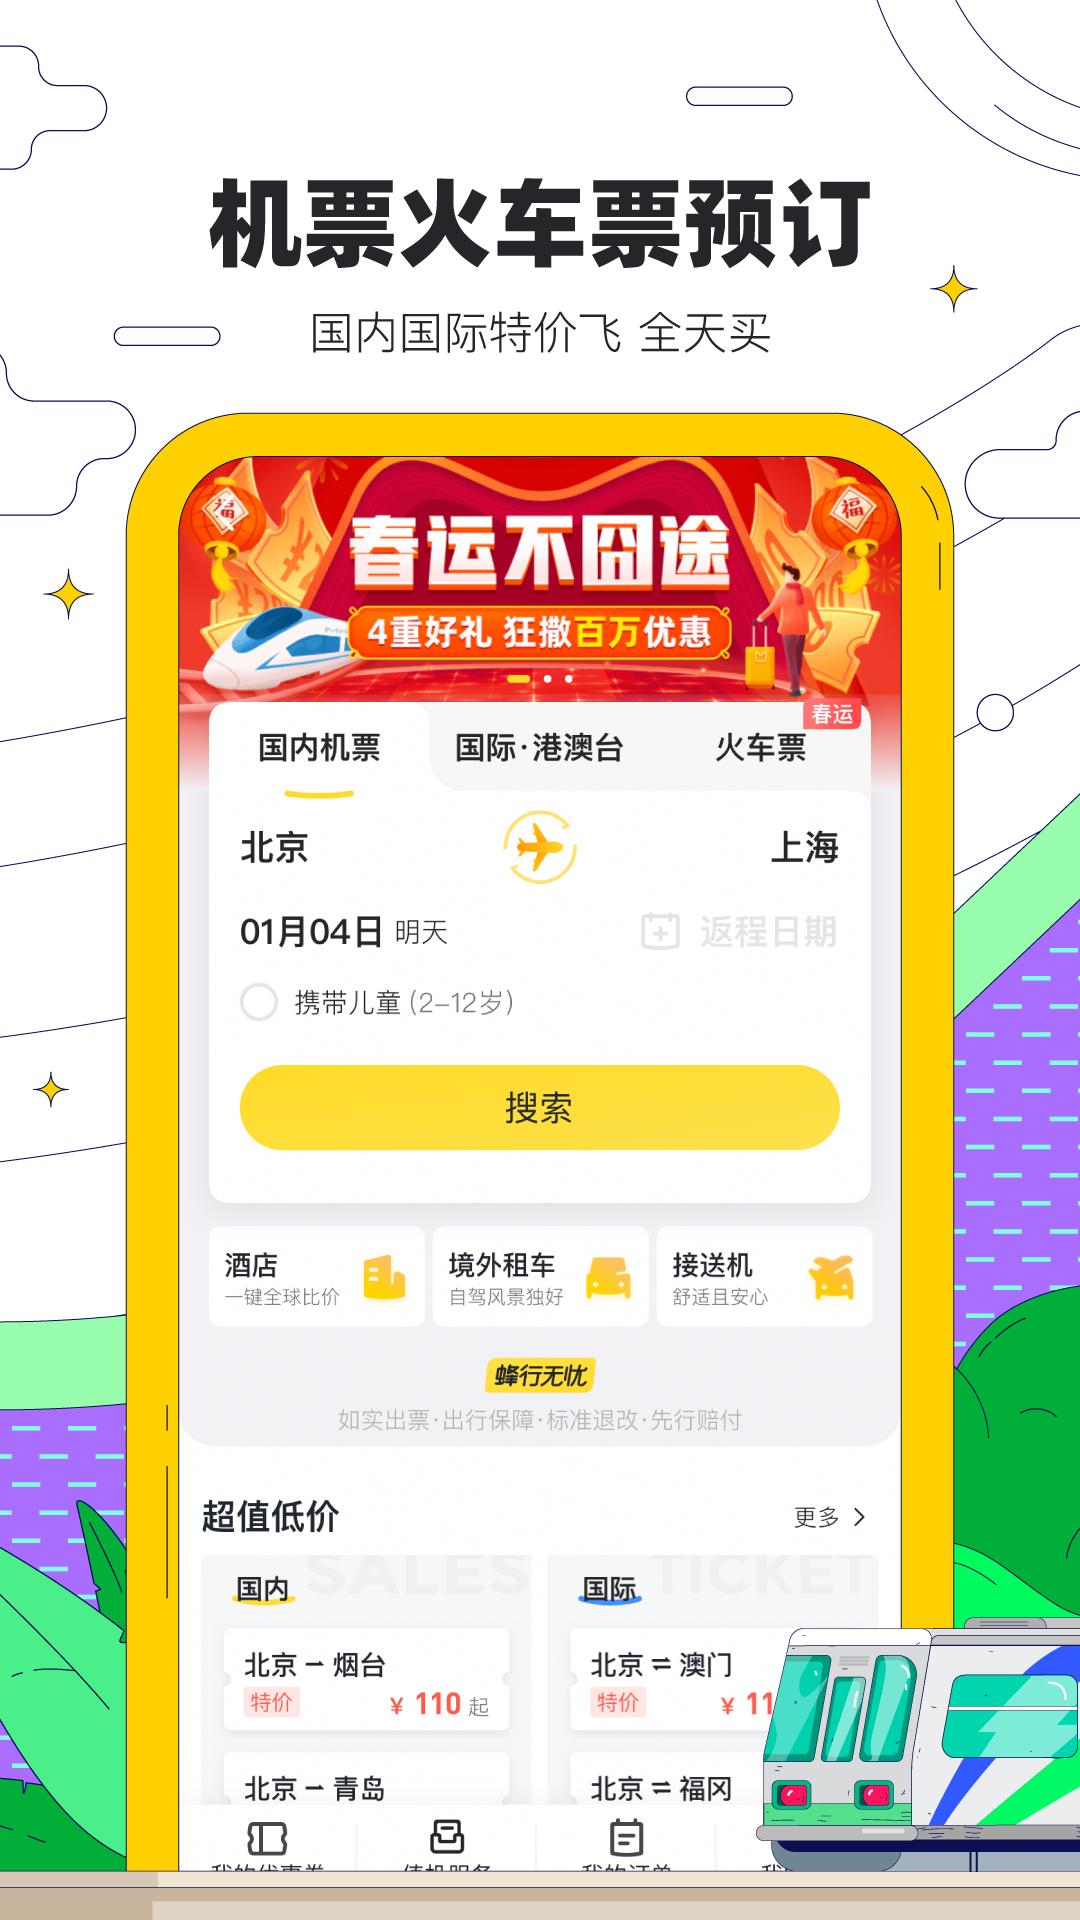 推 特 app 中文 版